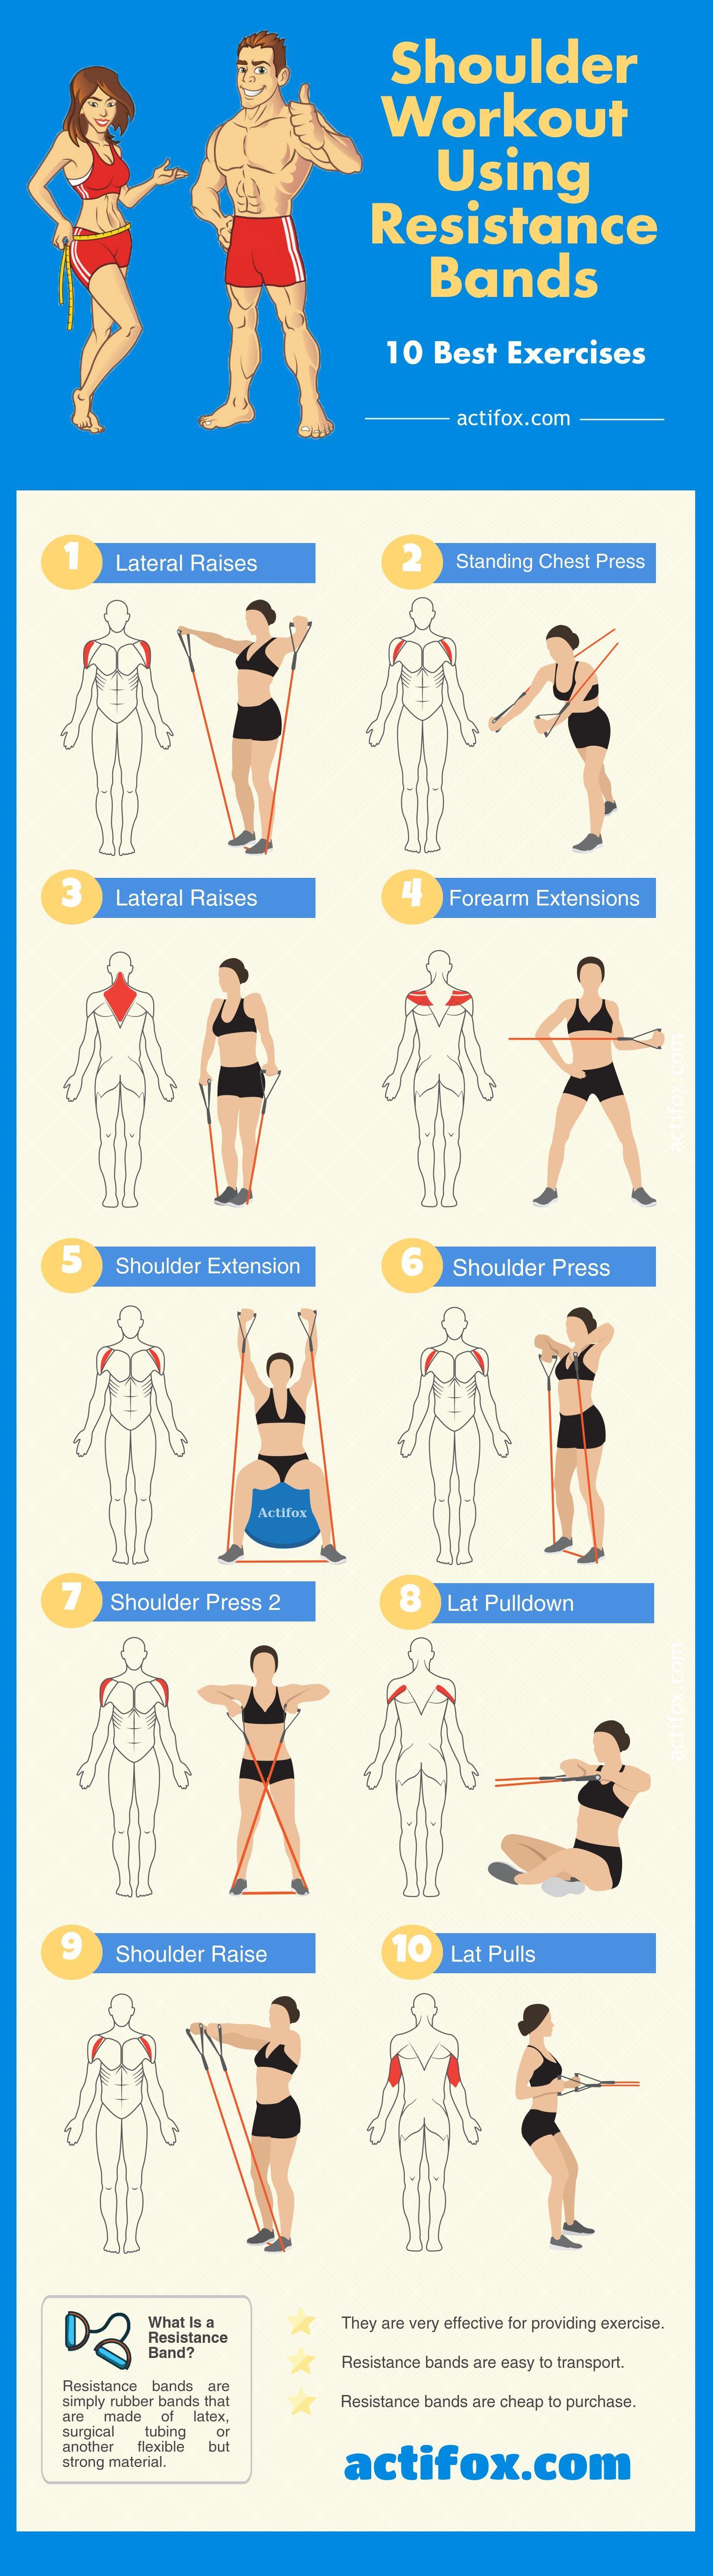 Shoulder Workout Using Resistance Bands 10 Best Exercises Shoulder Workout Best Exercise Bands Band Workout